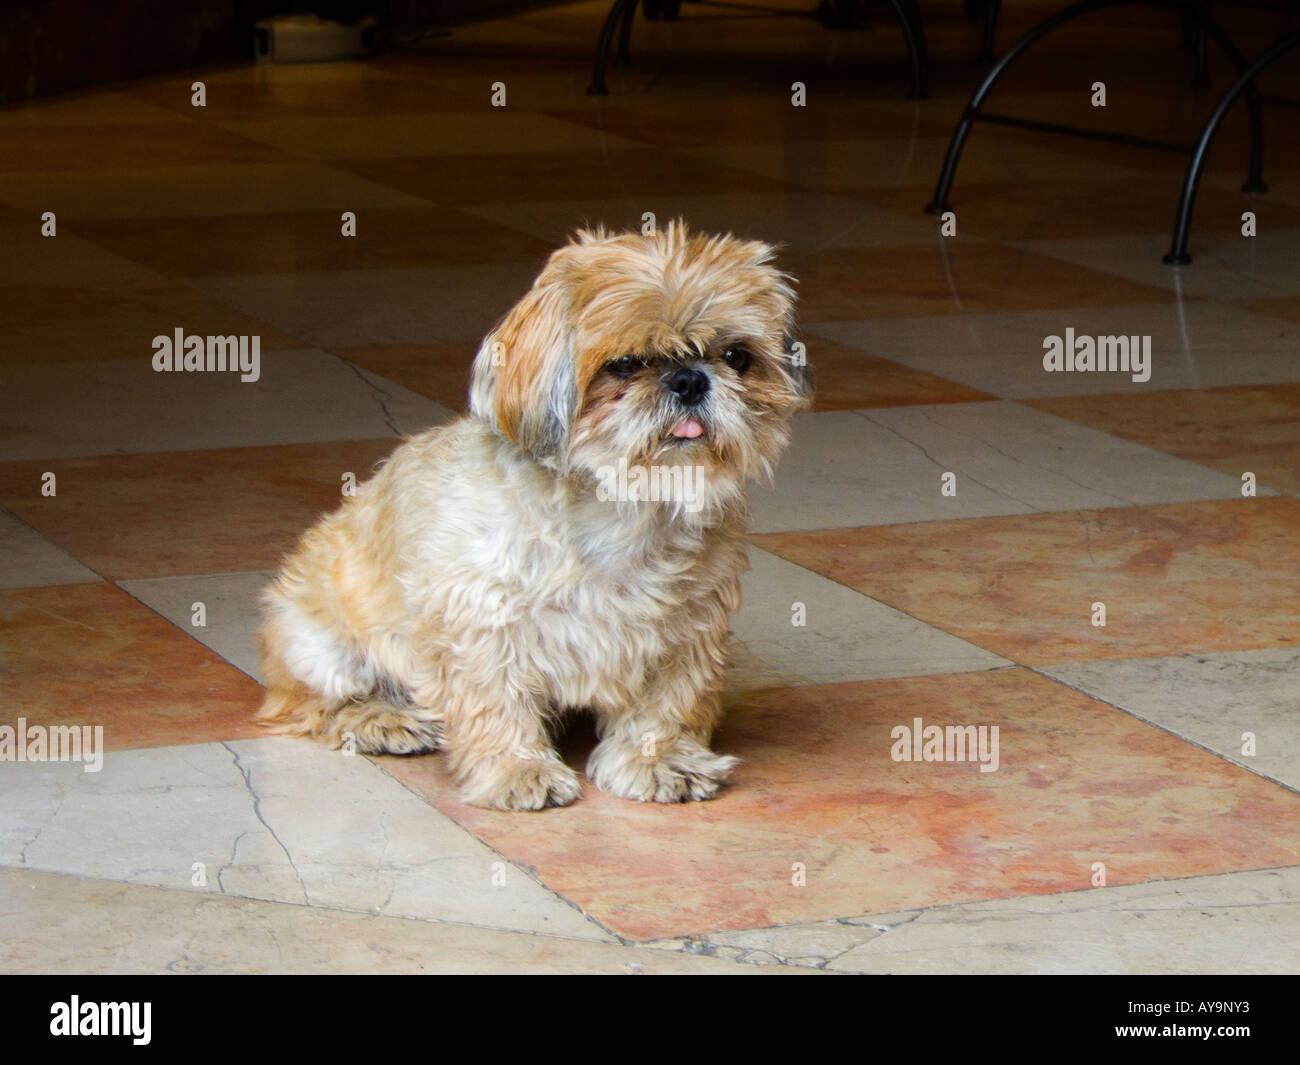 An old pet dog - Stock Image